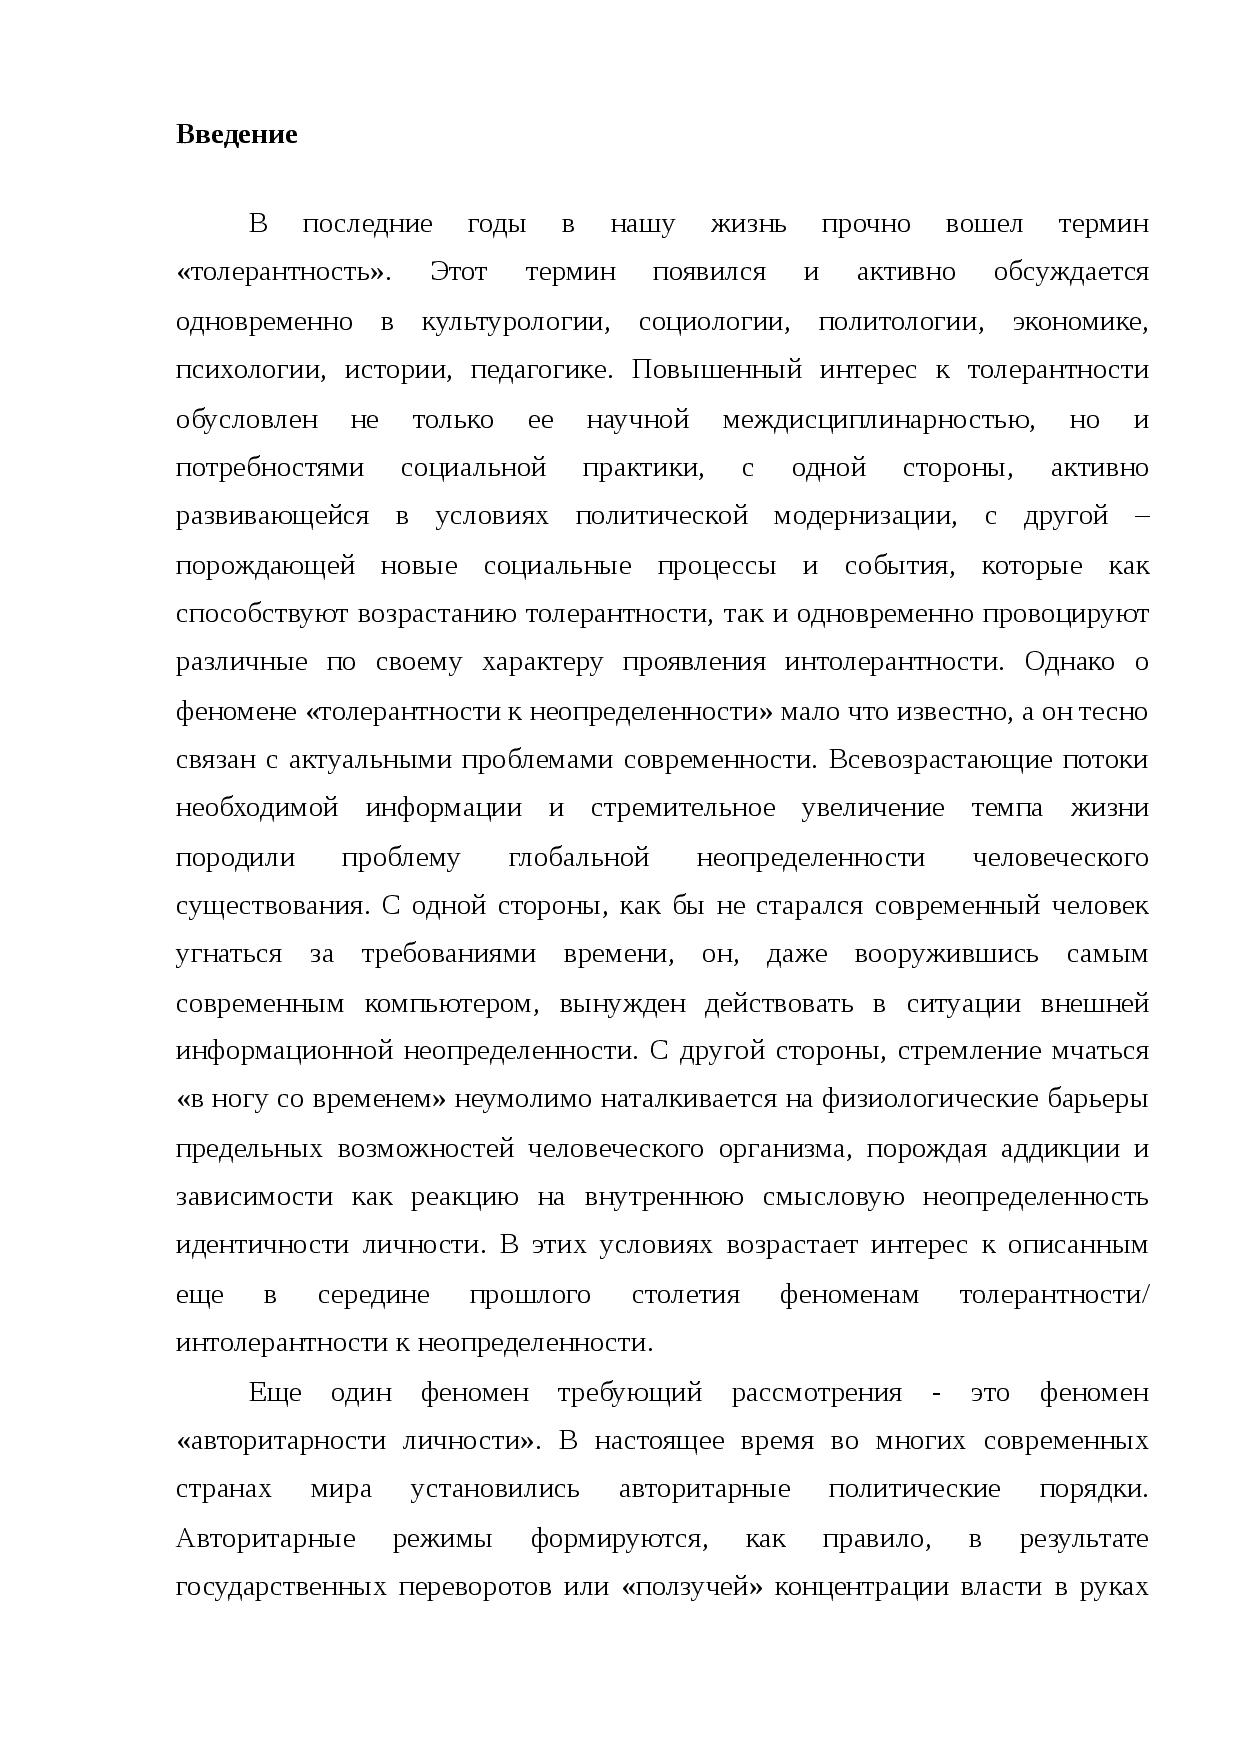 Социальная типология характеров э. фромму